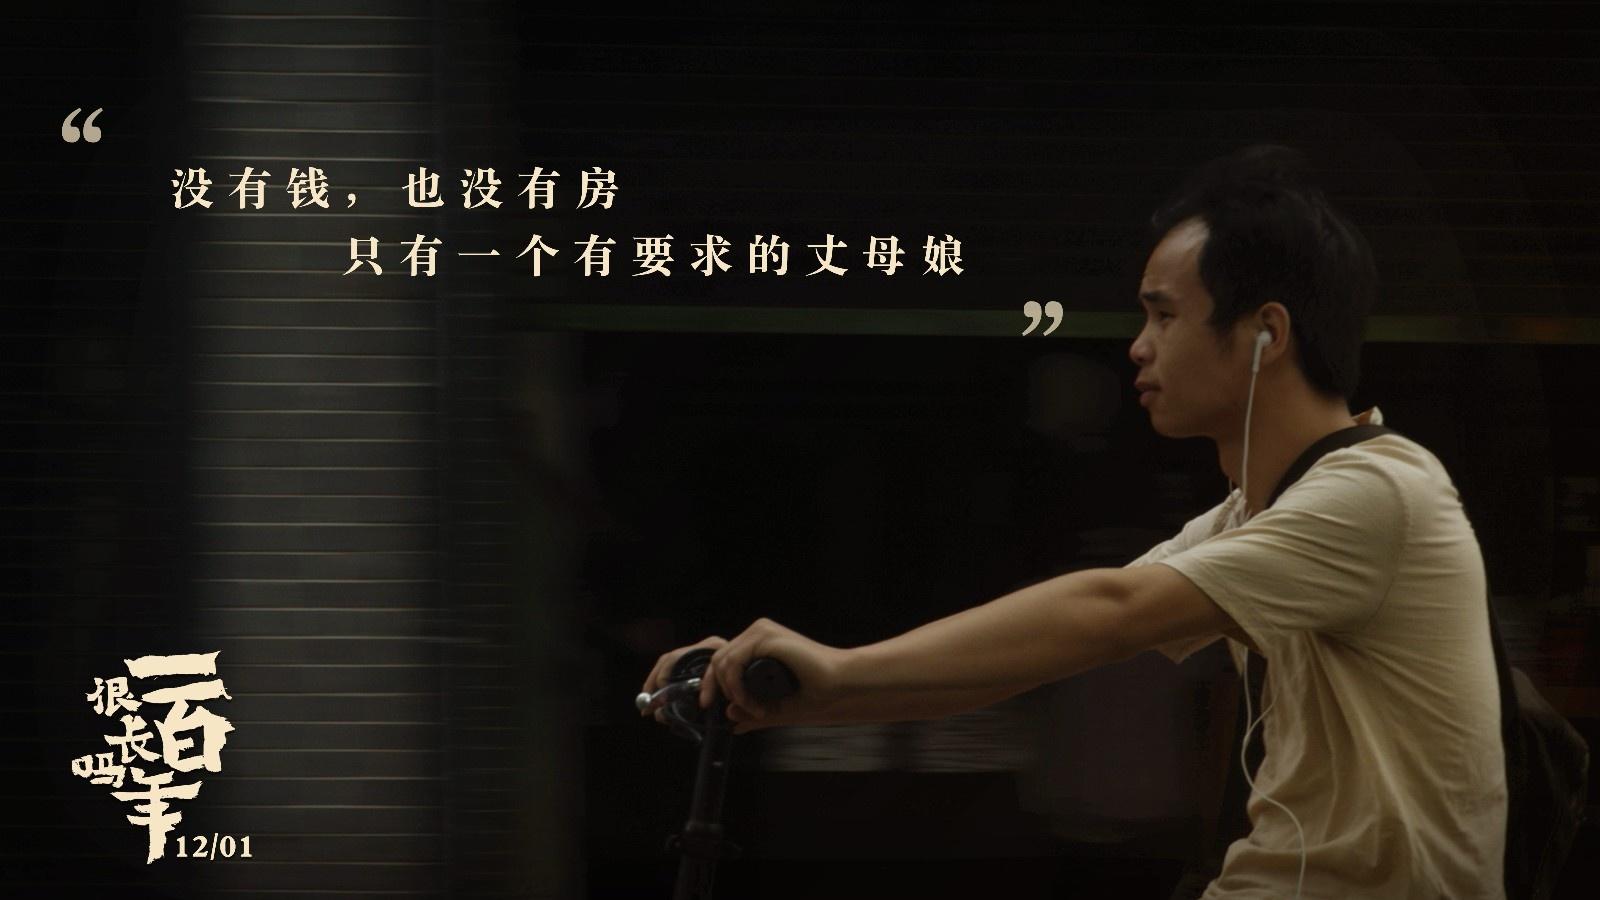 纪录片部落-纪录片从业者门户:《一百年很长吗》将映 纪录片用什么撬动市场?